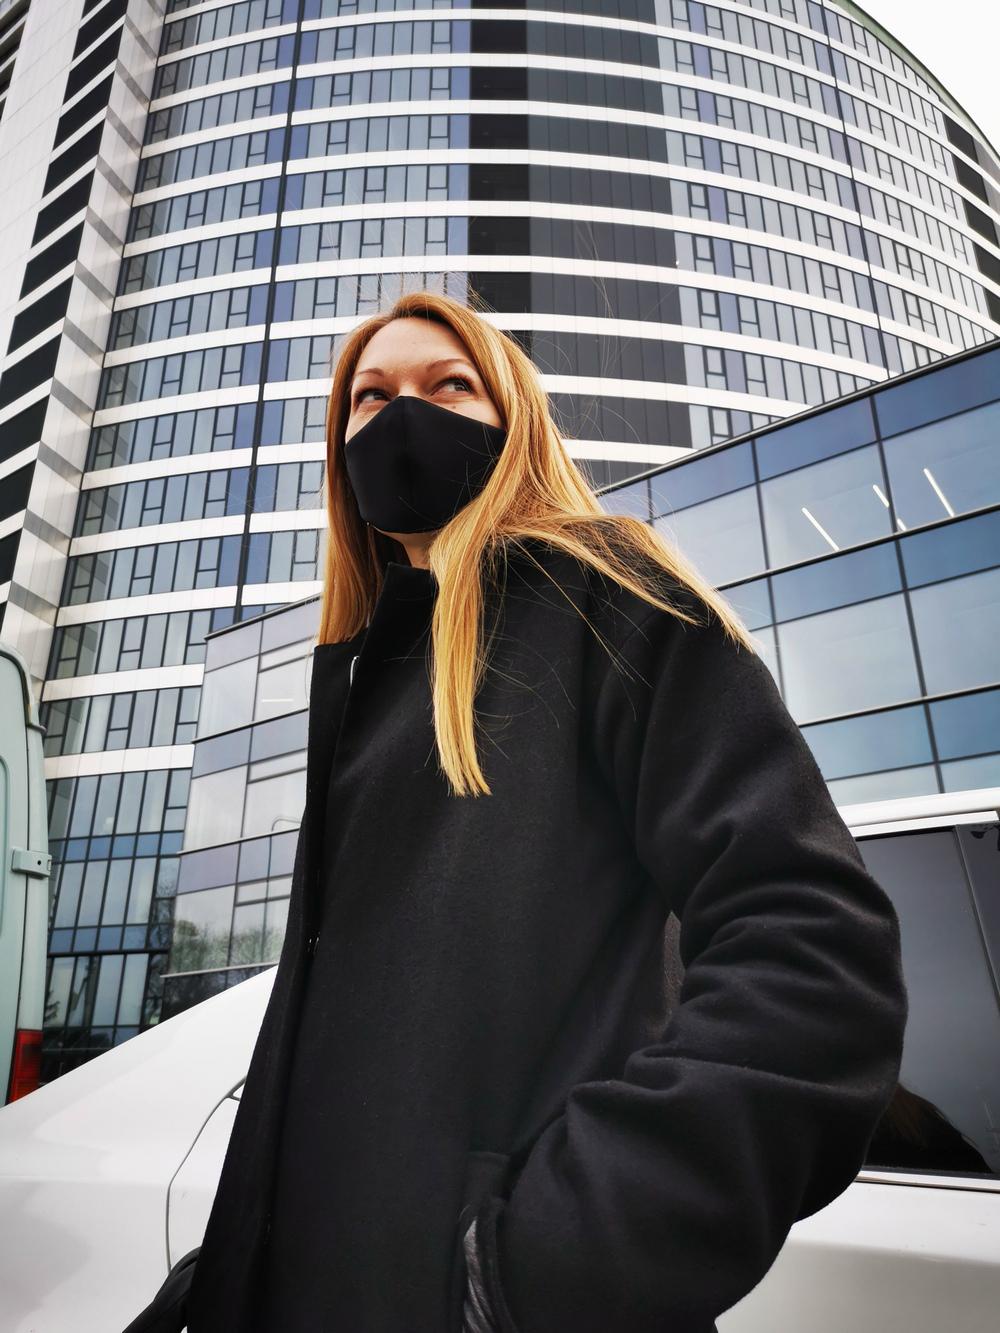 Laura Daili Mask Pandemia 2020 coronavirus(1)